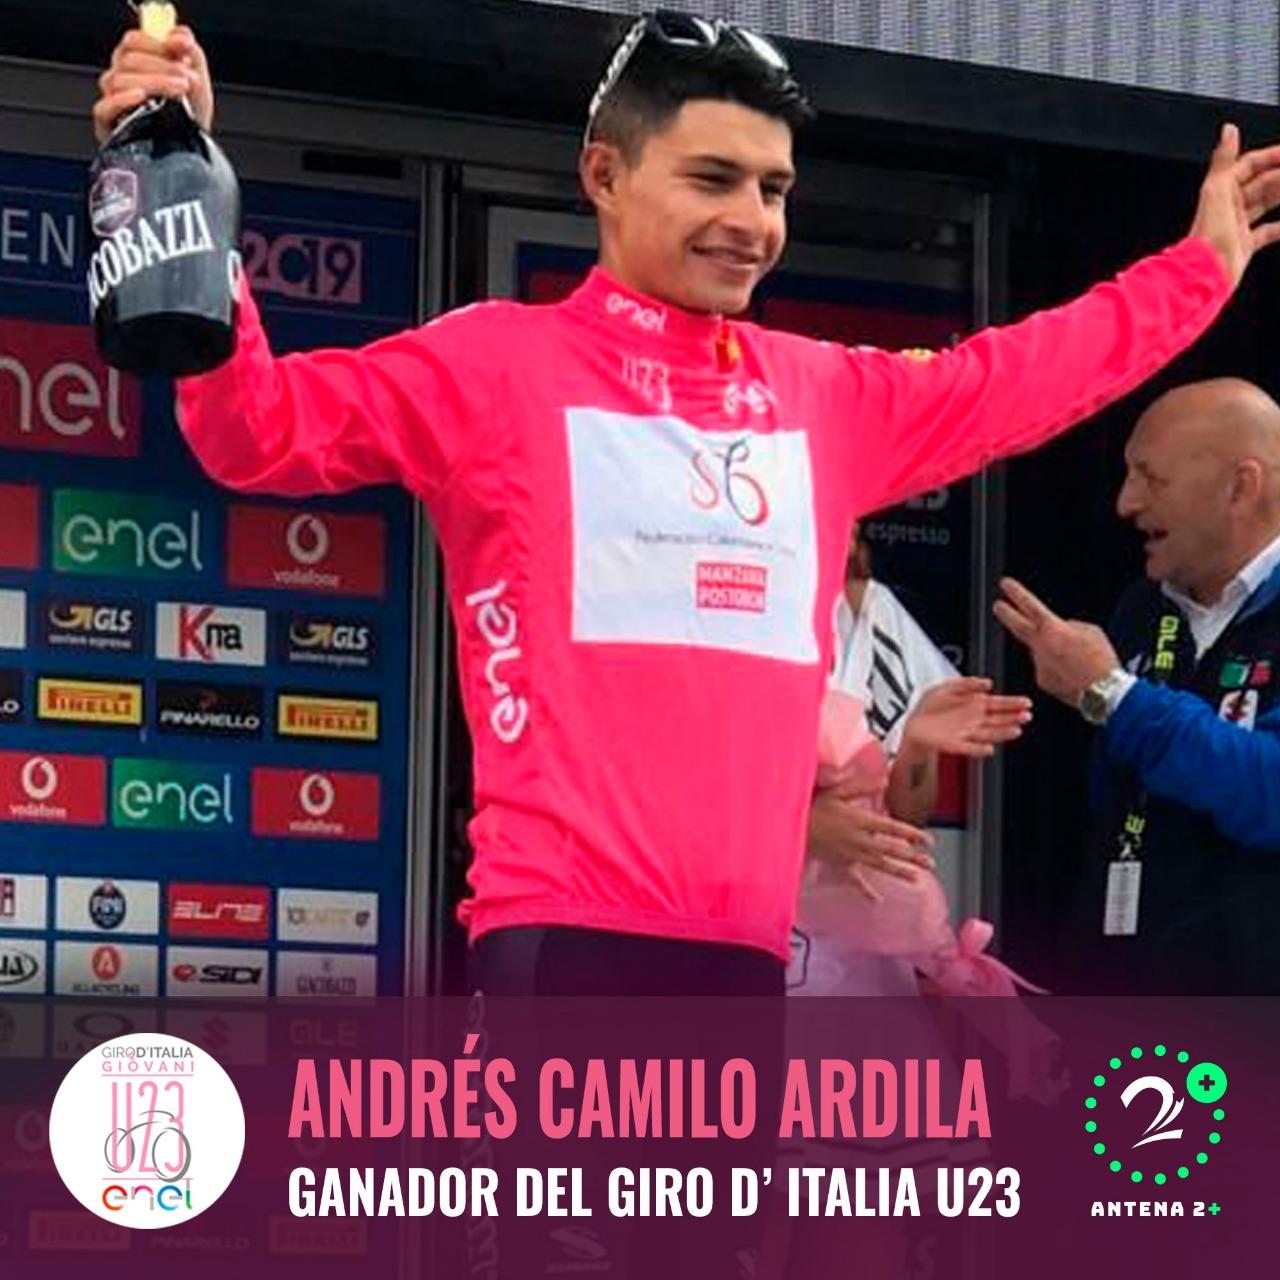 Camilo Ardila, campeón Giro de Italia sub-23